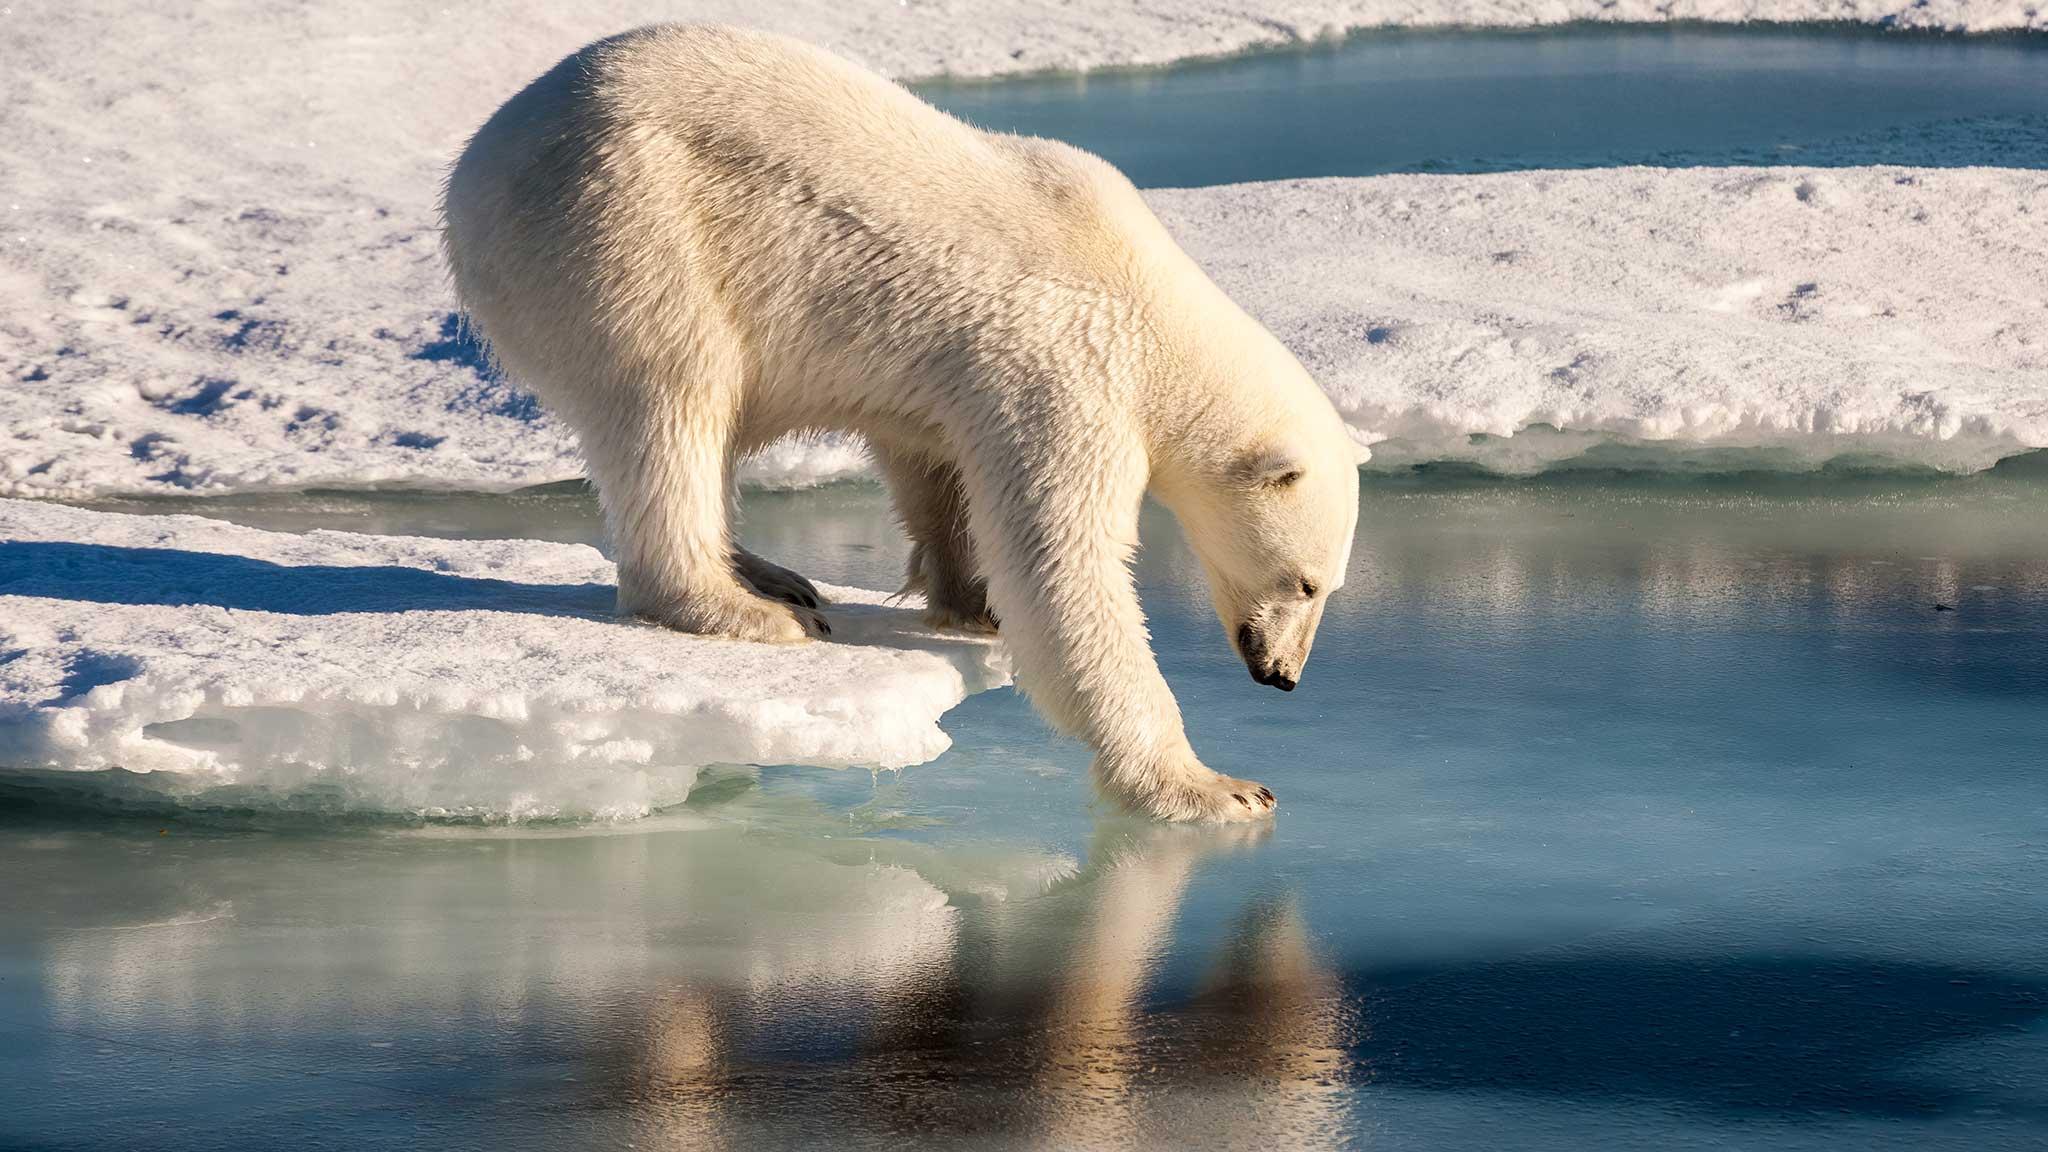 Un oso polar observa la capa de hielo.